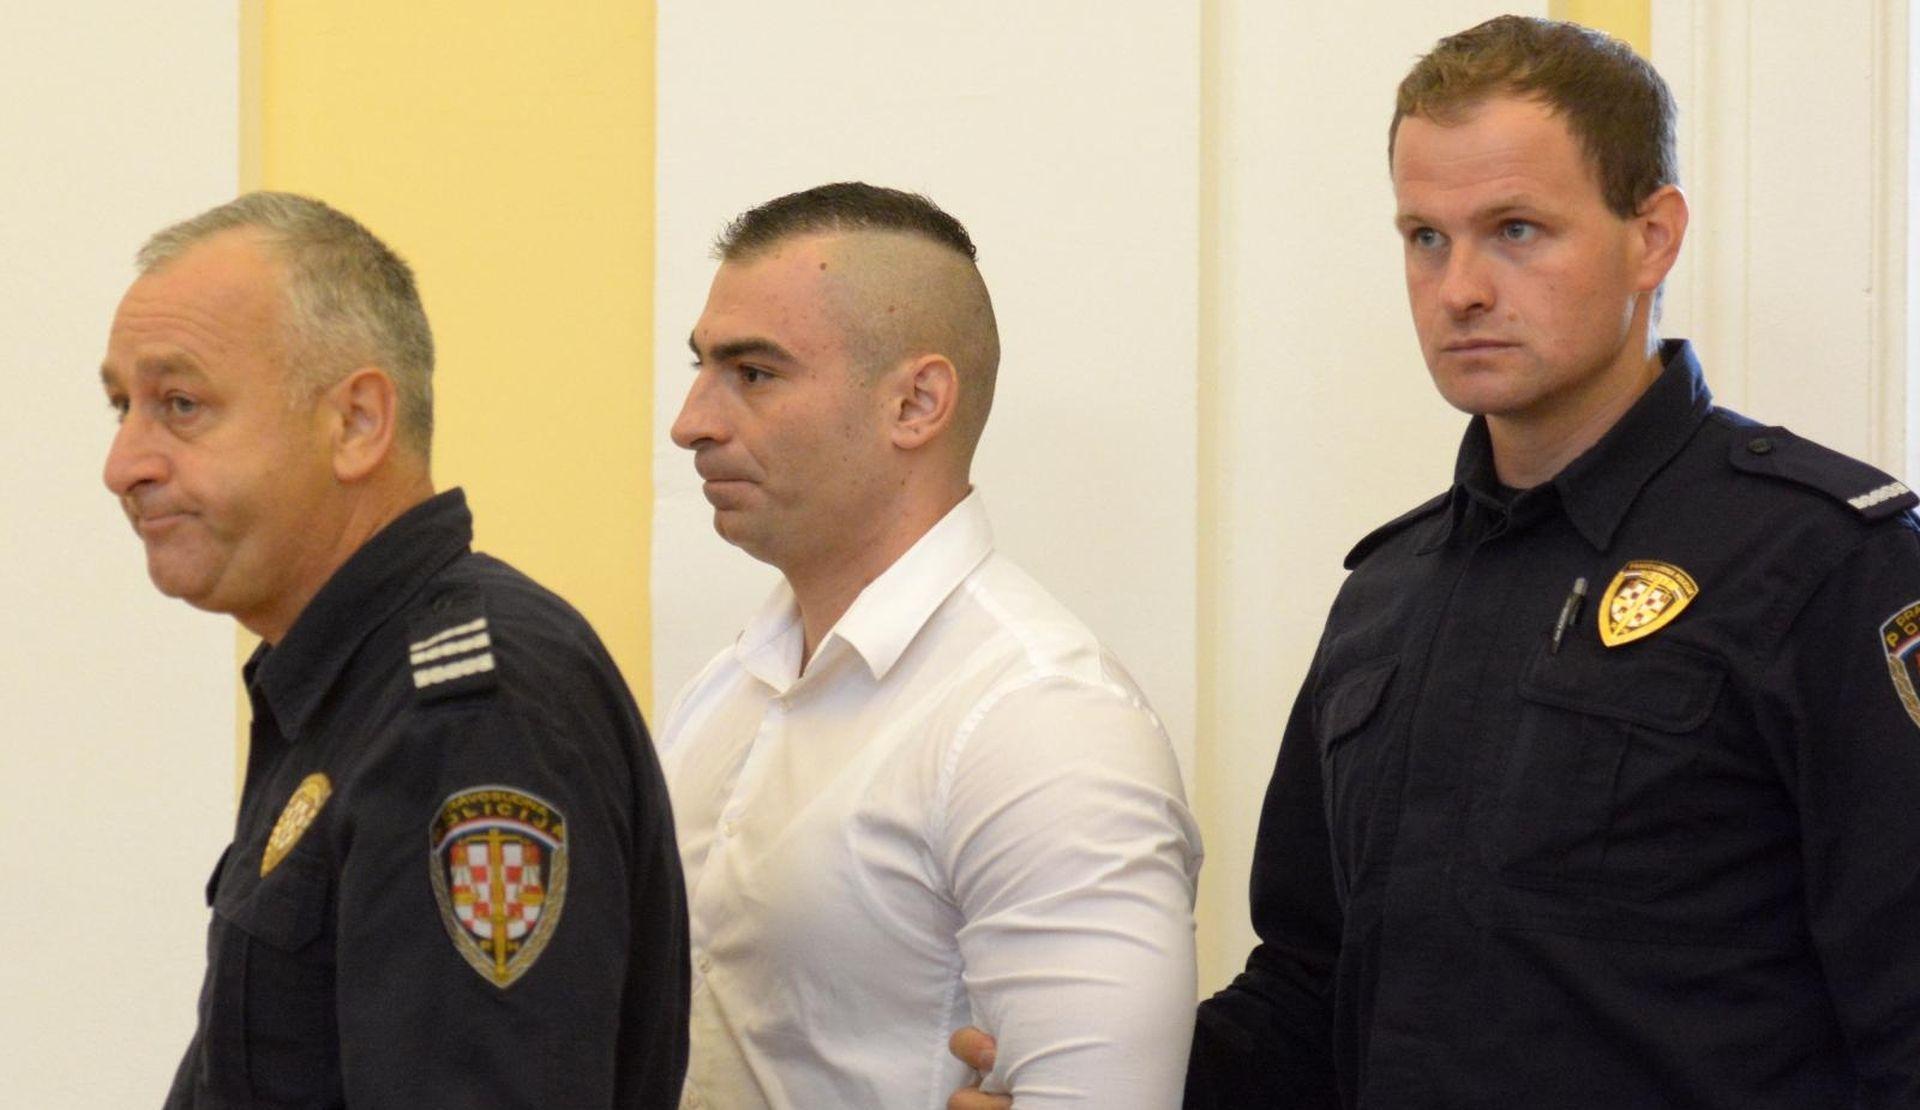 Kovačević tvrdi da mu je sudac prijetio u zatvoru